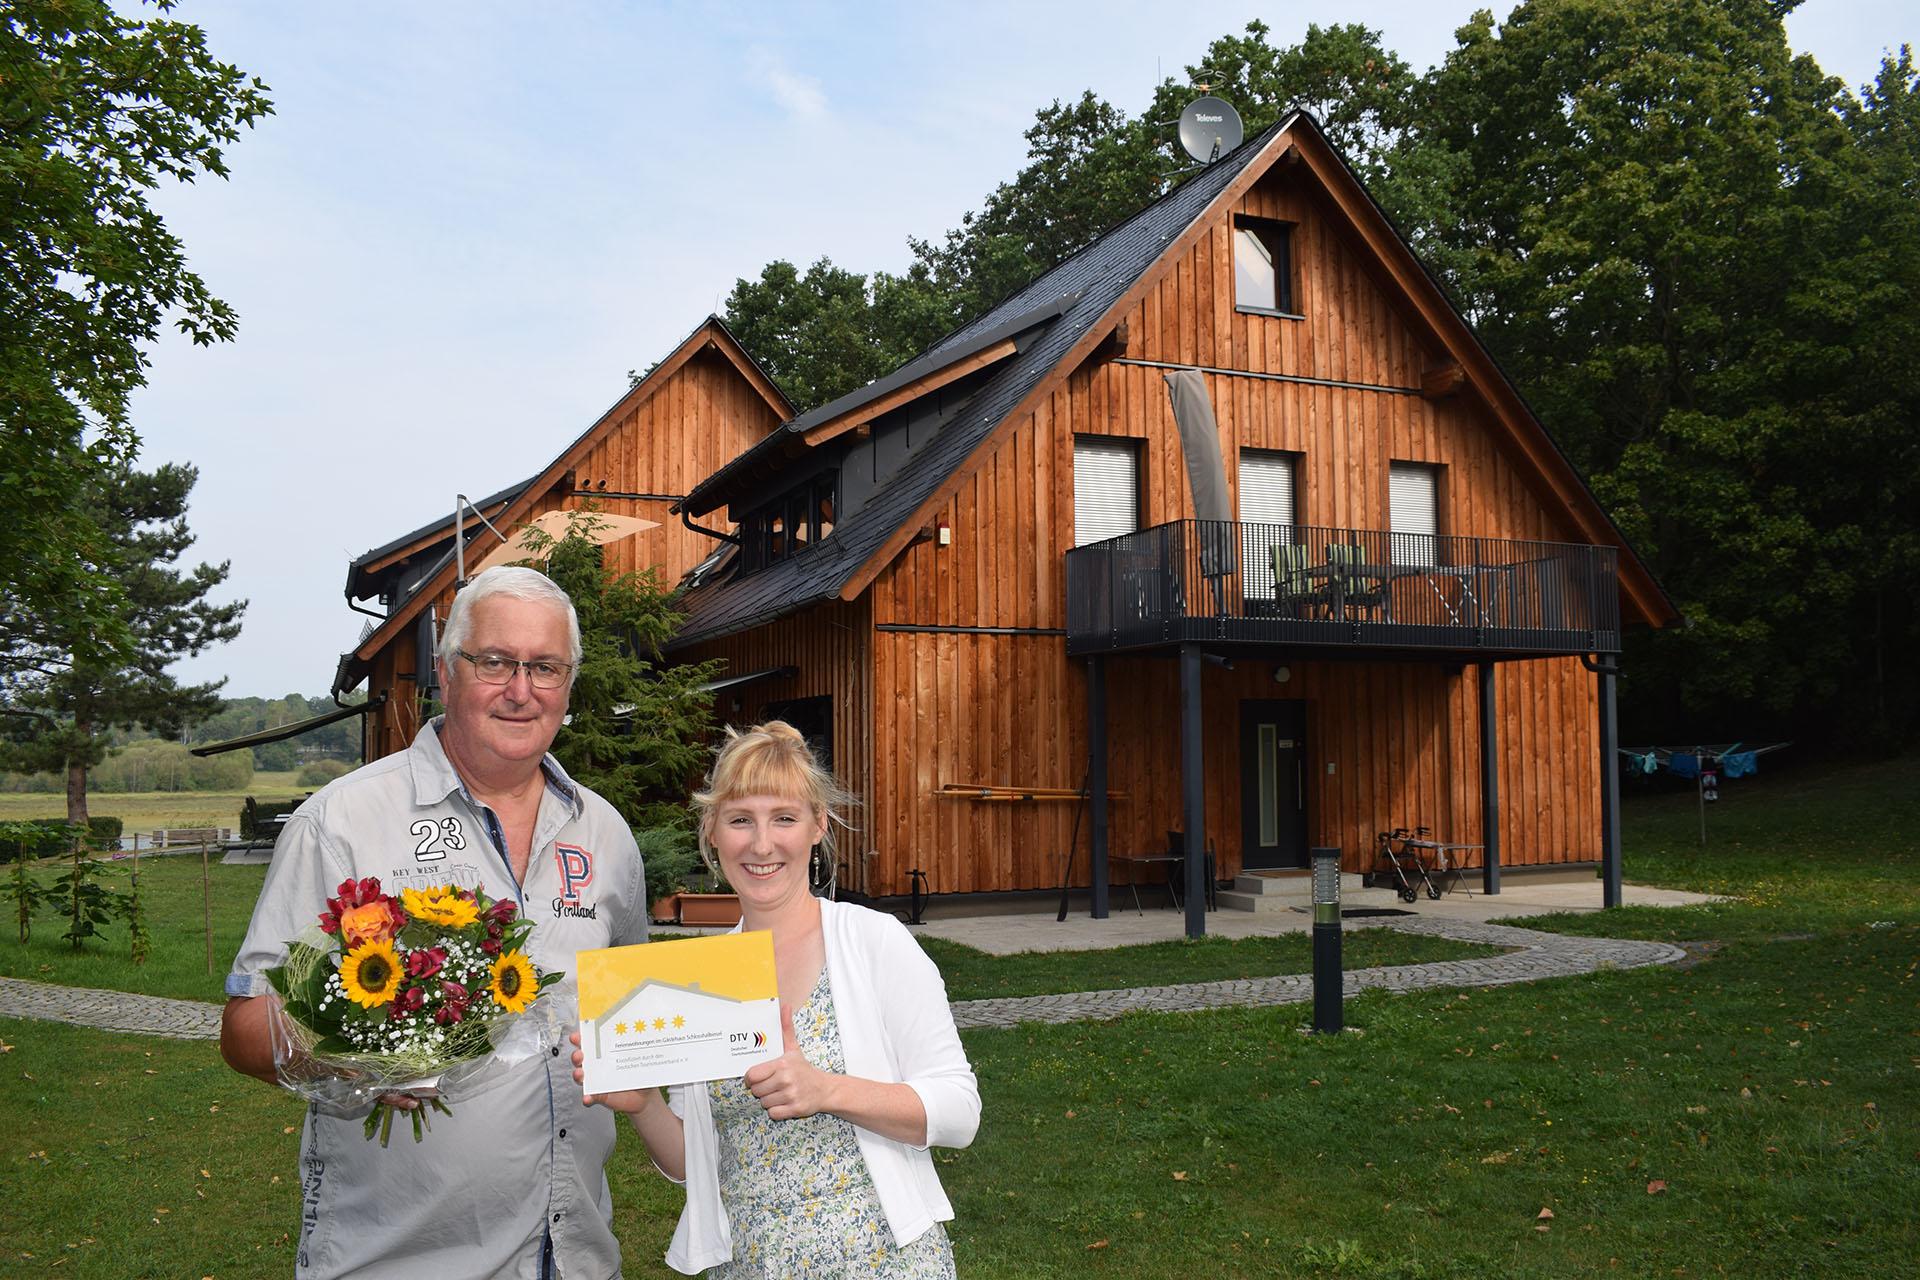 Übergabe Vier Sterne Gästehaus Schlosshalbinse